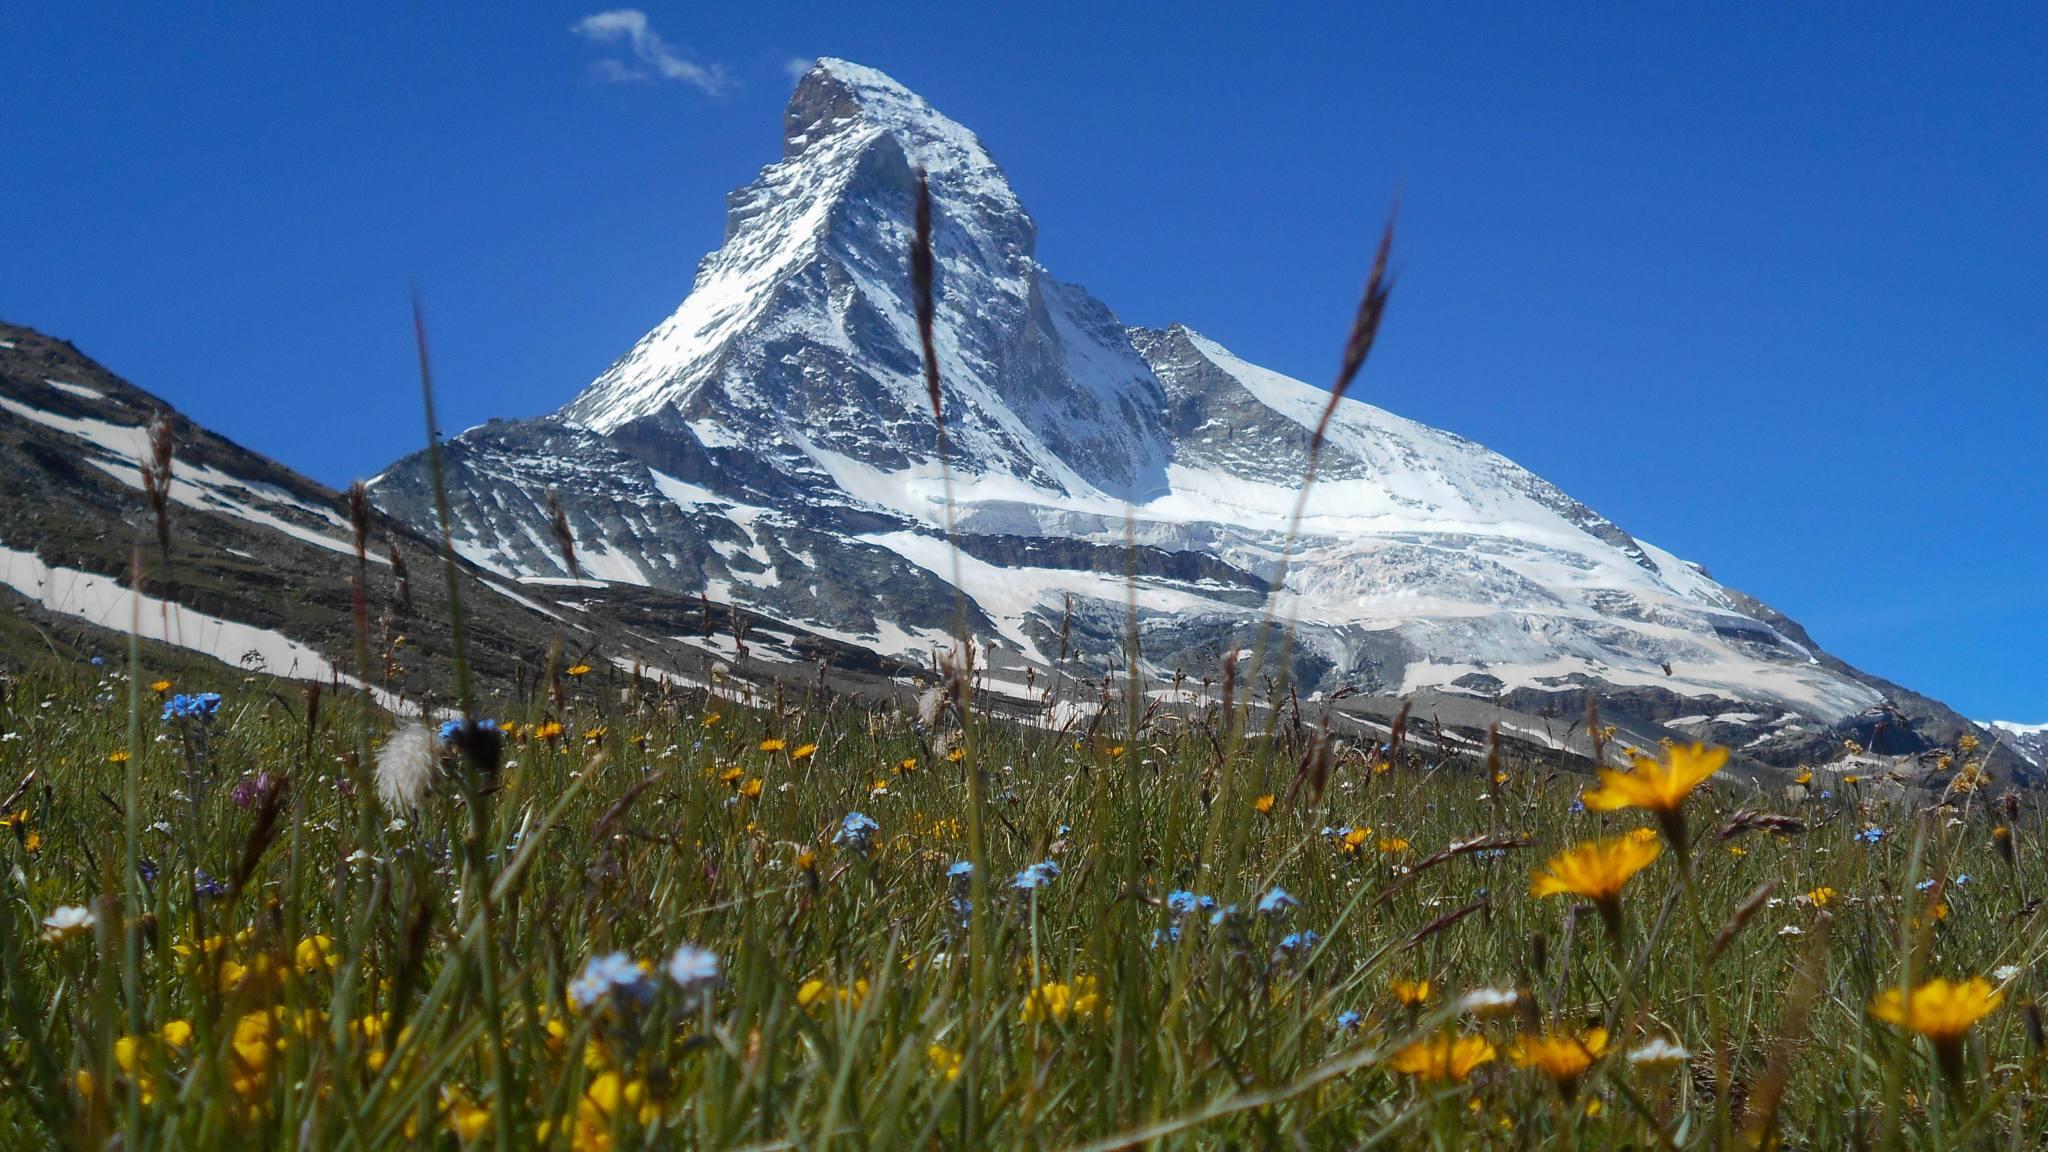 Randonnée en Val d'Aoste, face au Cervin, montagne mythique des Alpes...